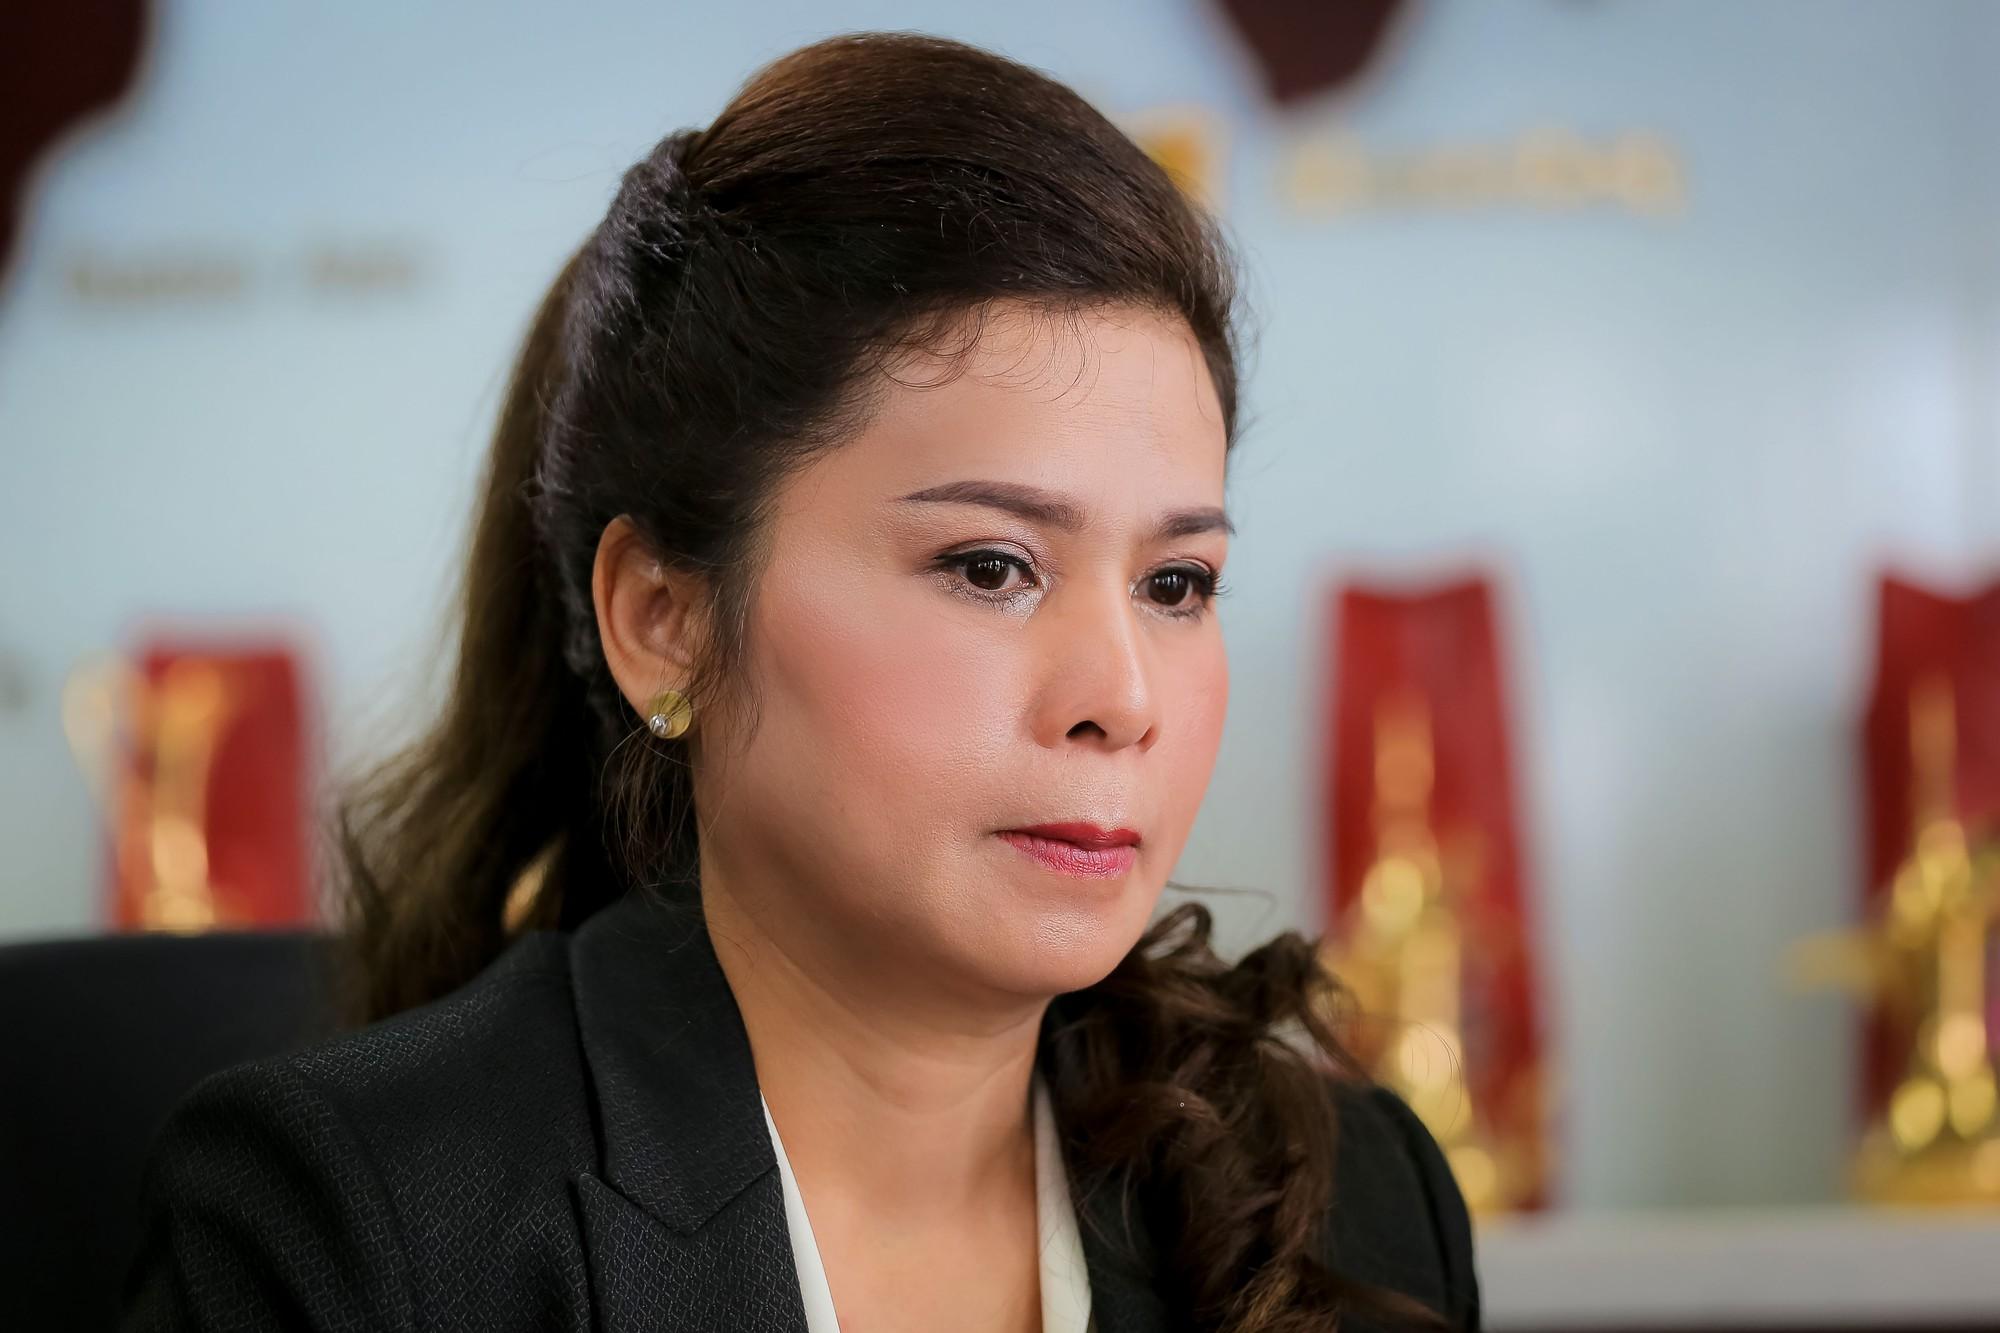 Bà Lê Hoàng Diệp Thảo: Trung Nguyên là nhà, tôi phải trở về - Ảnh 13.